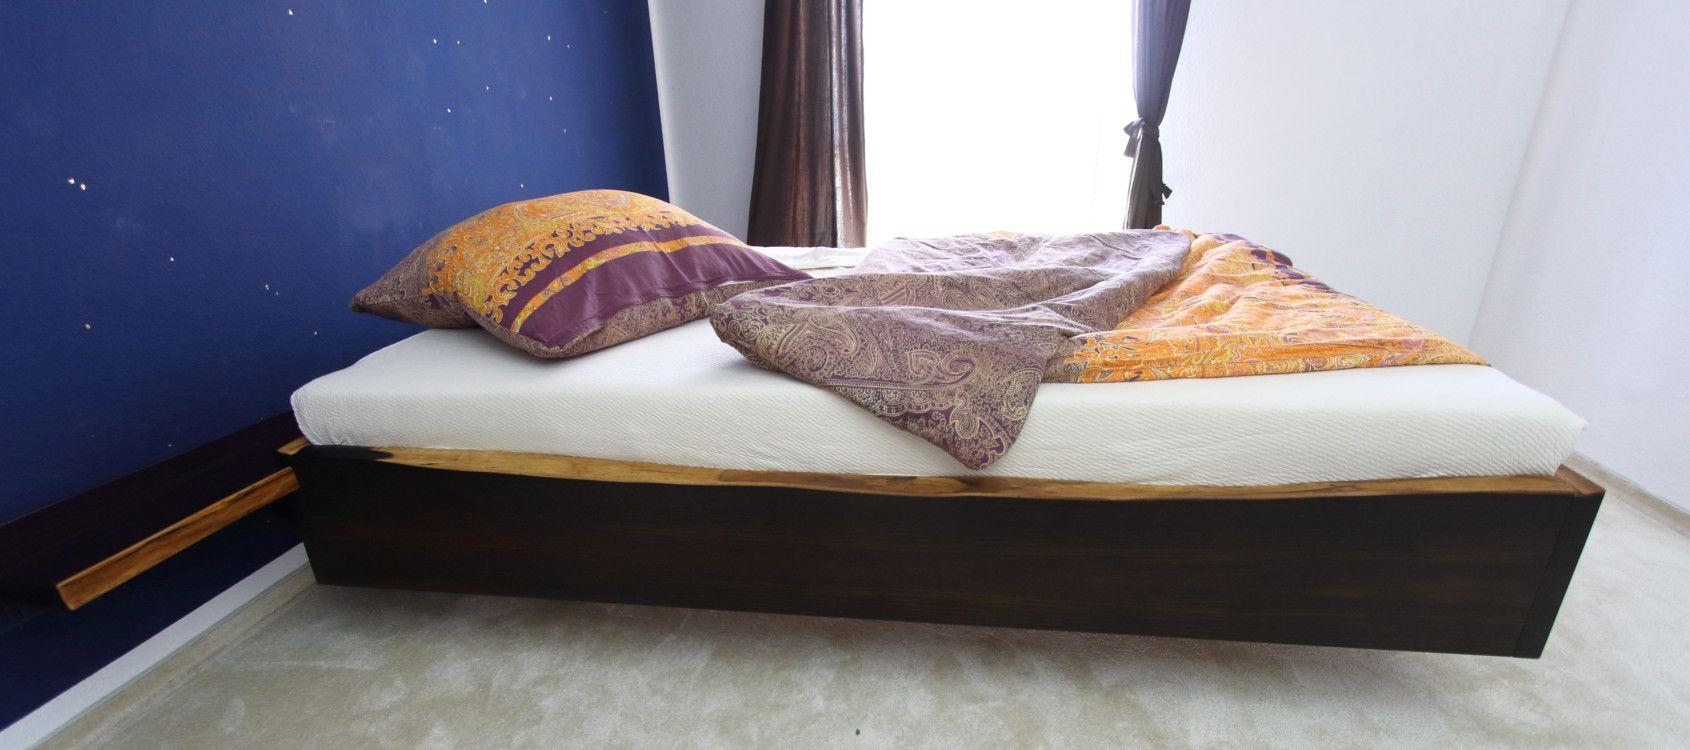 Full Size of Schwebendes Bett Betten Mannheim Schlafzimmer Set Mit Boxspringbett Schubladen 90x200 Weiß Rauch 140x200 Amazon Moebel De Hohem Kopfteil Ohne Minion Stauraum Bett Schwebendes Bett